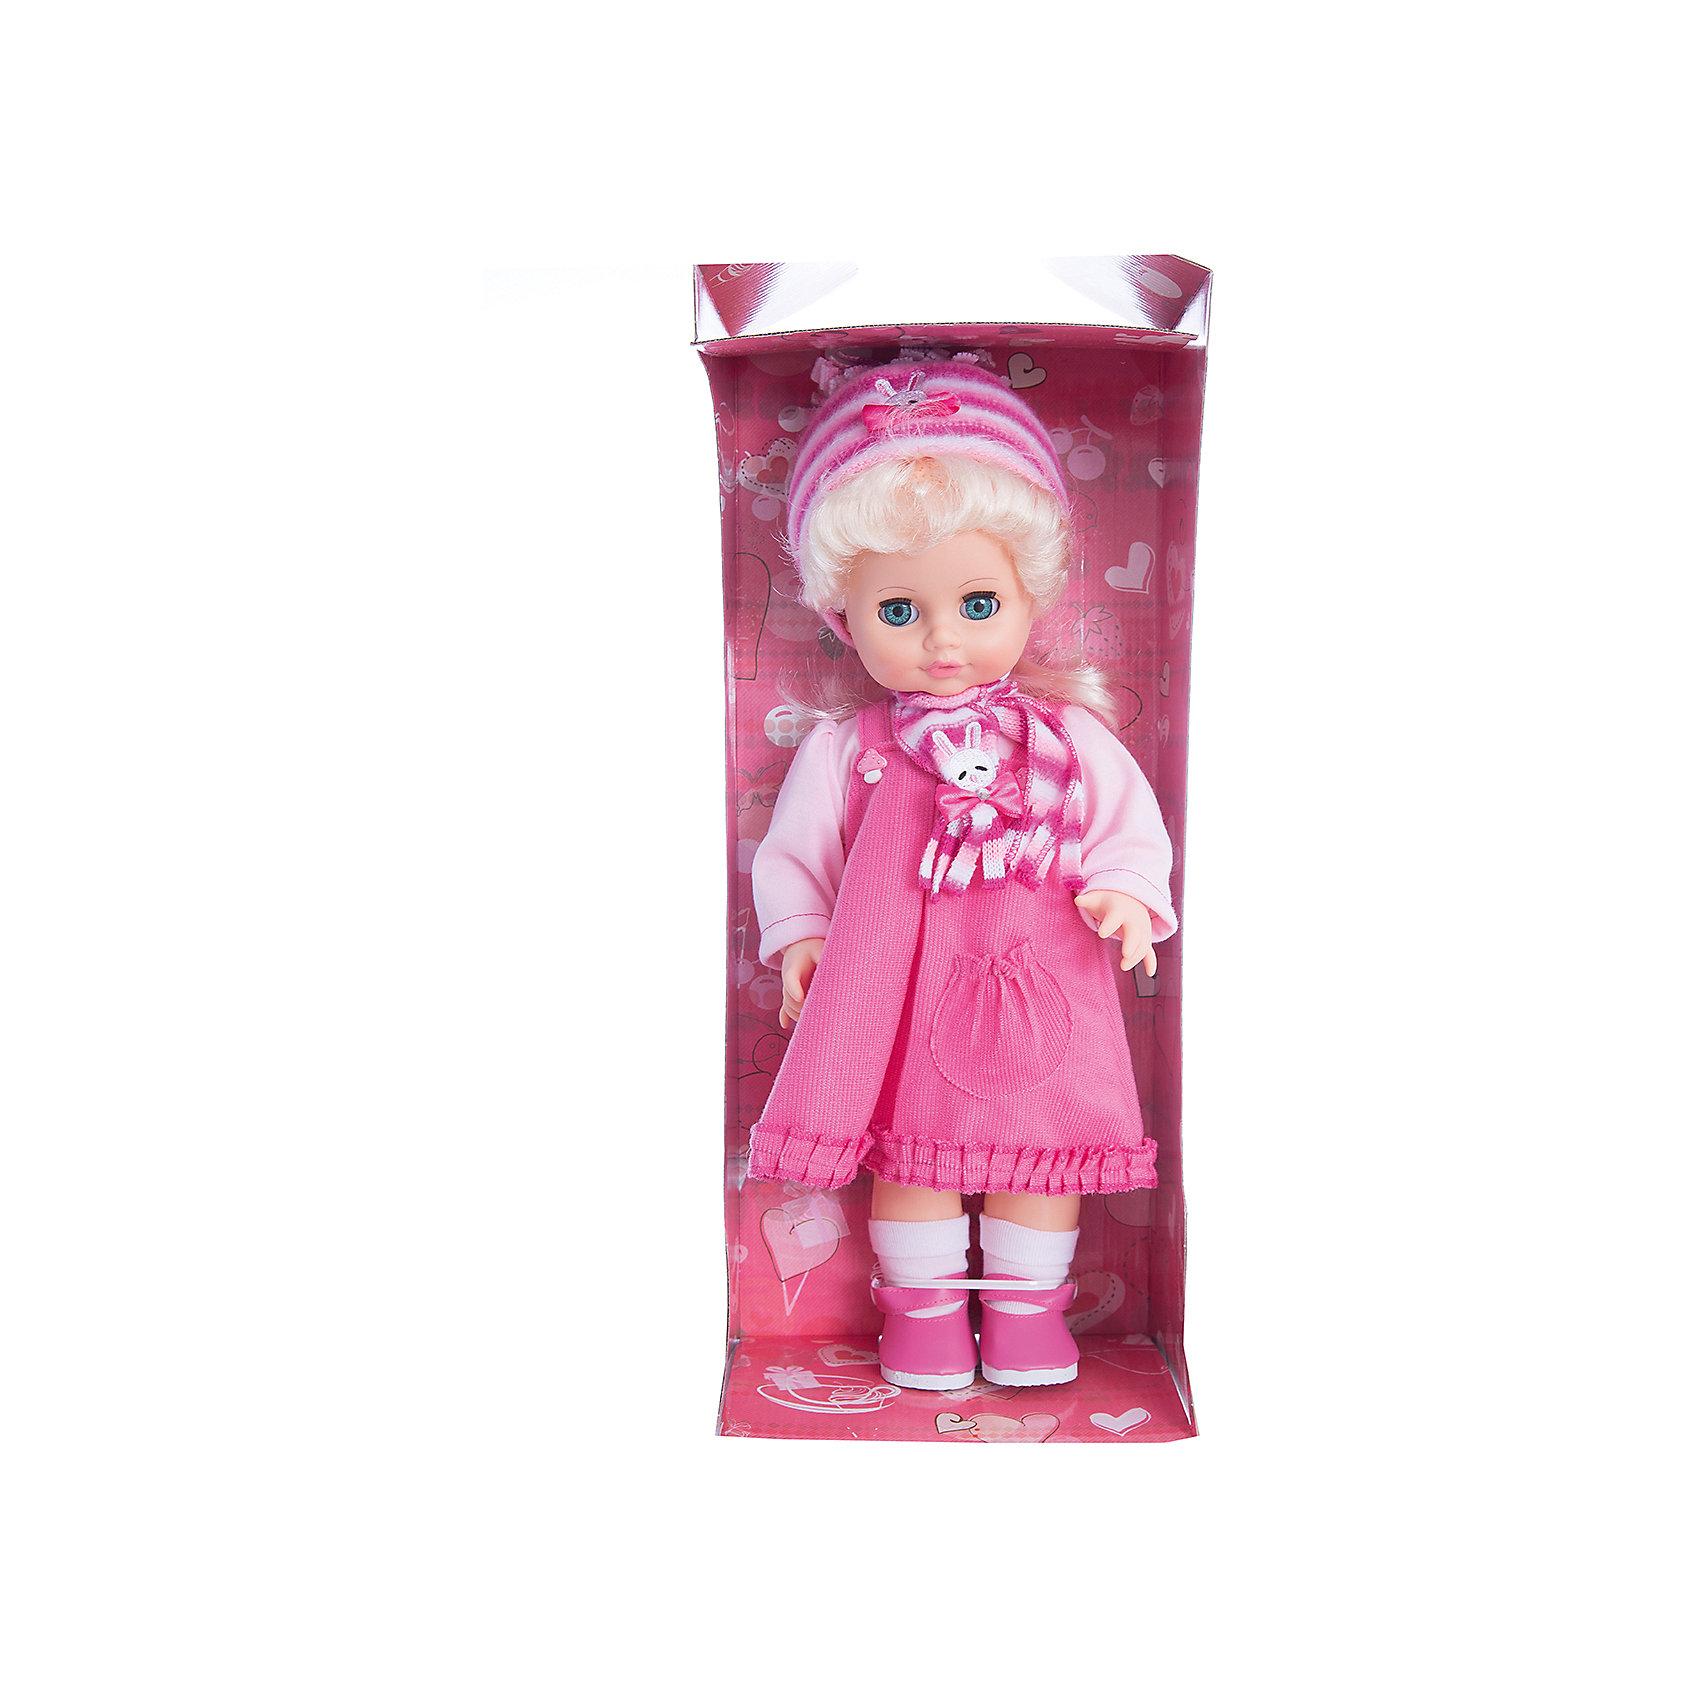 Кукла Инна 46, со звуком, ВеснаБренды кукол<br>Кукла для девочки - это не только игрушка, с которой можно весело провести время, кукла - это возможность отрабатывать навыки поведения в обществе, учиться заботе о других, делать прически и одеваться согласно моде и поводу.<br>Эта красивая классическая кукла не только эффектно выглядит, она дополнена звуковым модулем! Игрушка модно одета и снабжена аксессуарами. Такая кукла запросто может стать самой любимой игрушкой! Произведена из безопасных для ребенка и качественных материалов.<br><br>Дополнительная информация:<br><br>цвет: разноцветный;<br>материал: пластик, текстиль;<br>комплектация: кукла, одежда, аксессуары;<br>высота: 43 см.<br><br>Куклу Инна 46 со звуком от компании Весна можно купить в нашем магазине.<br><br>Ширина мм: 430<br>Глубина мм: 240<br>Высота мм: 430<br>Вес г: 810<br>Возраст от месяцев: 36<br>Возраст до месяцев: 120<br>Пол: Женский<br>Возраст: Детский<br>SKU: 4642030